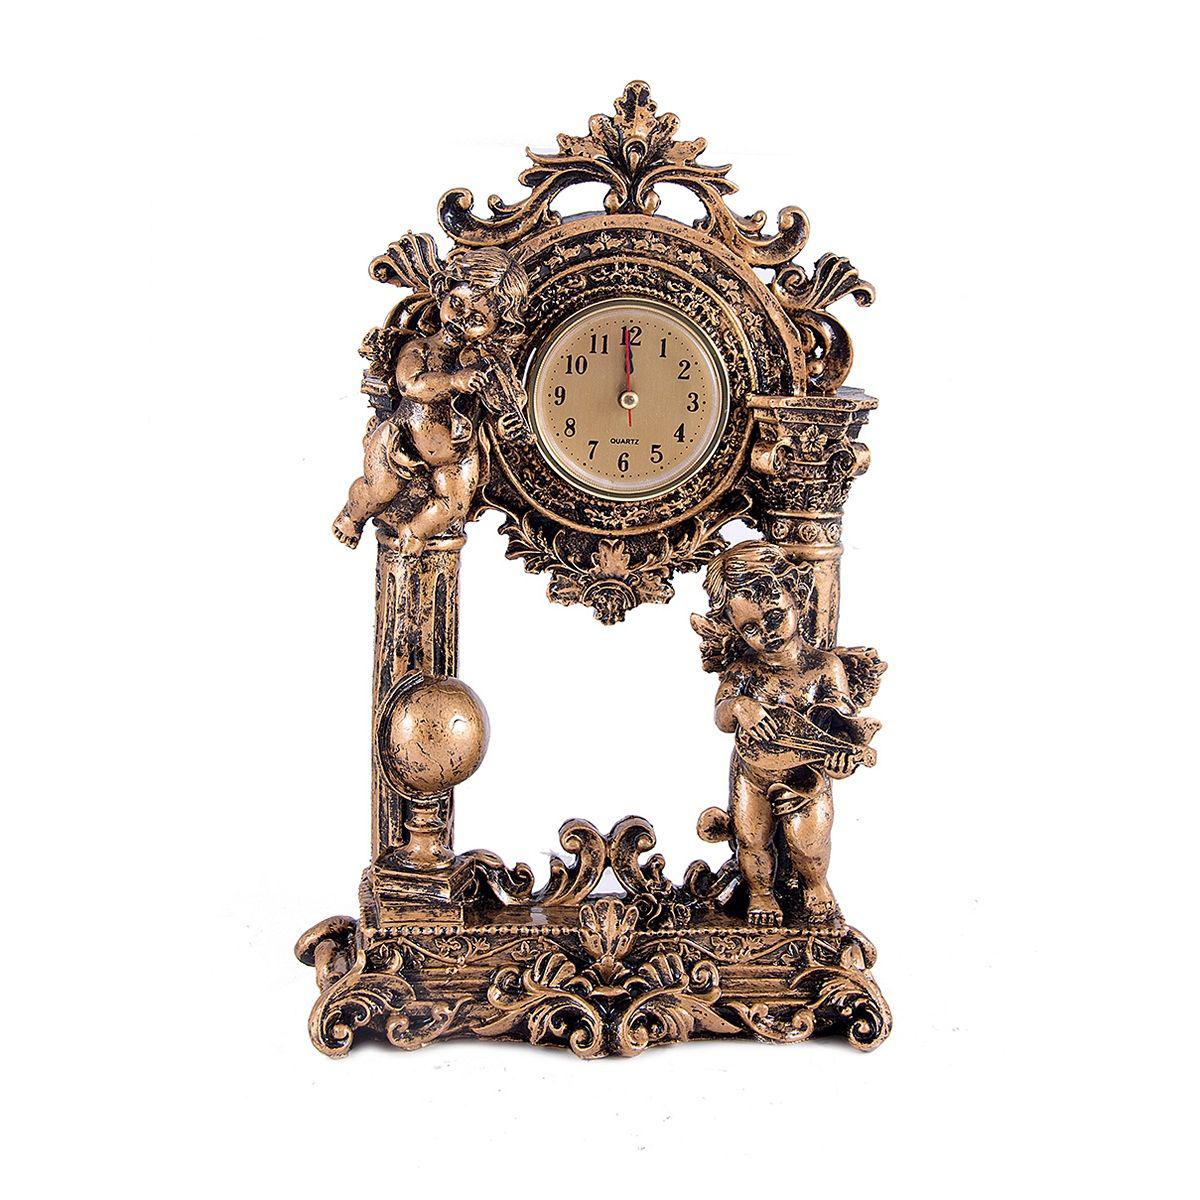 Часы настольные Русские Подарки Ангелочки, 30 х 18 см. 5942159421Настольные кварцевые часы Русские Подарки Ангелочки изготовлены из полистоуна. Часы имеют три стрелки - часовую, минутную и секундную.Изящные часы красиво и оригинально оформят интерьер дома или рабочий стол в офисе. Также часы могут стать уникальным, полезным подарком для родственников, коллег, знакомых и близких.Часы работают от батареек типа АА (в комплект не входят).